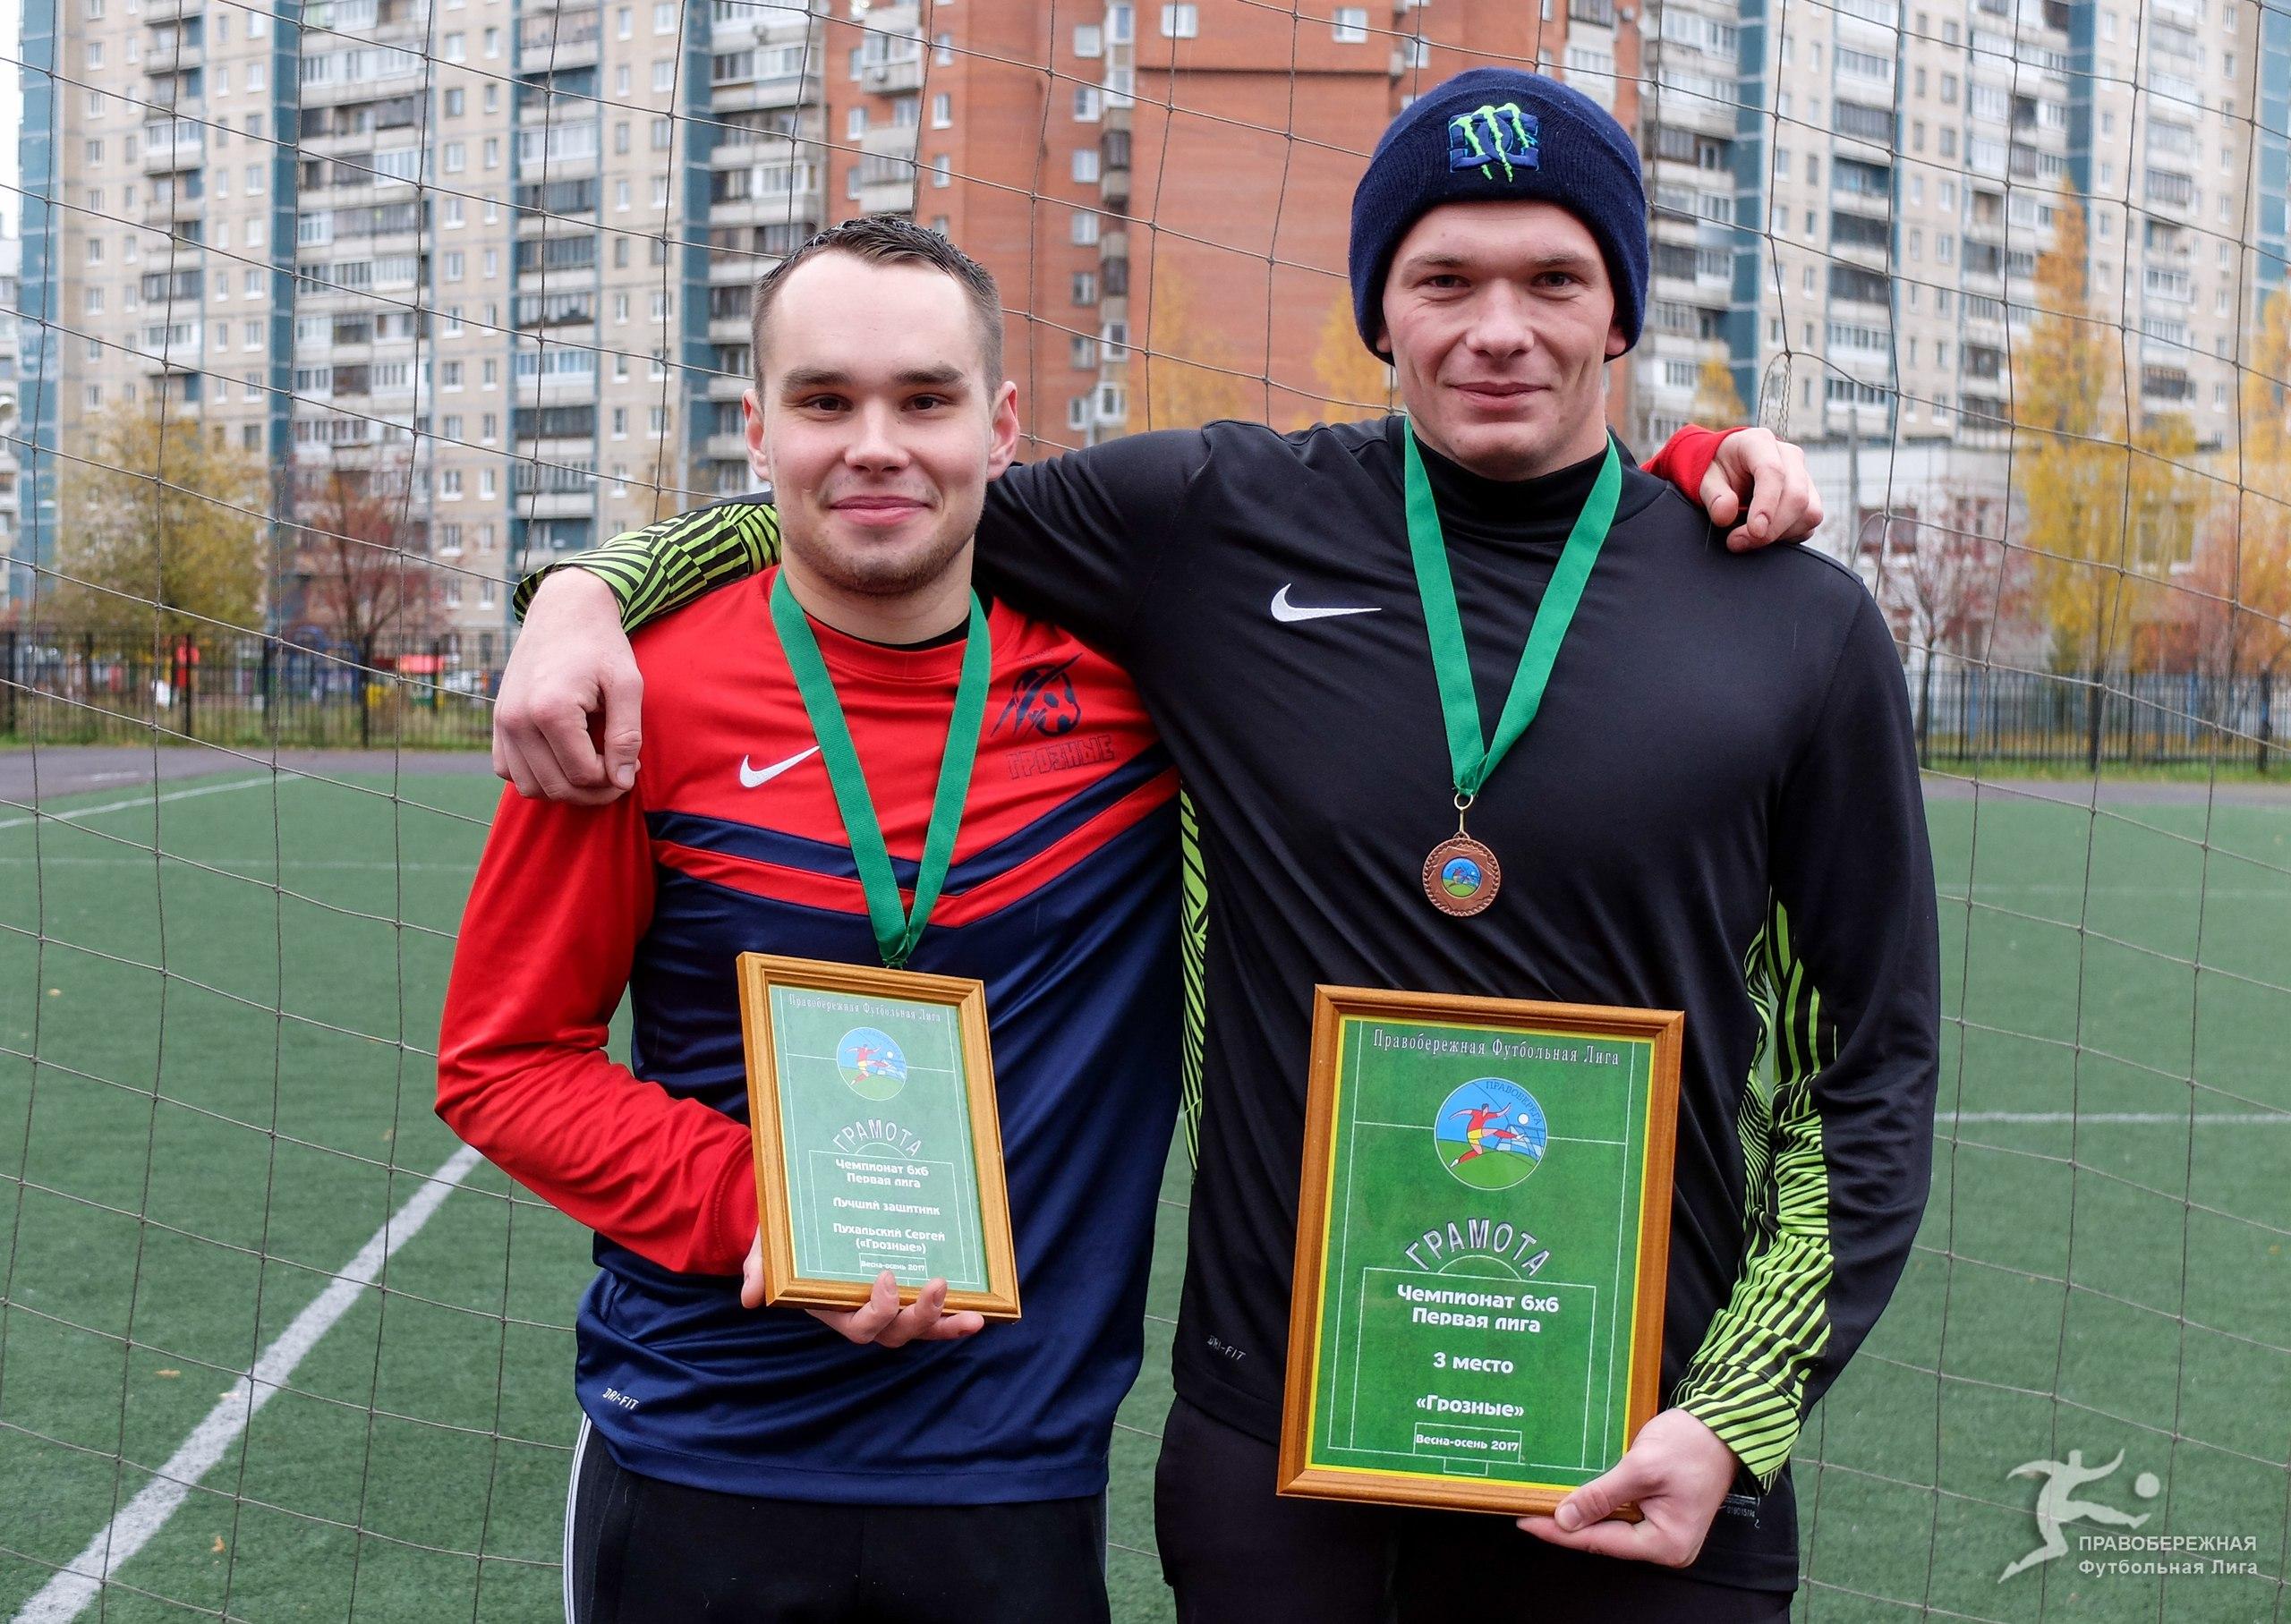 Сергей Пухальский и Анатолий Рагушин (